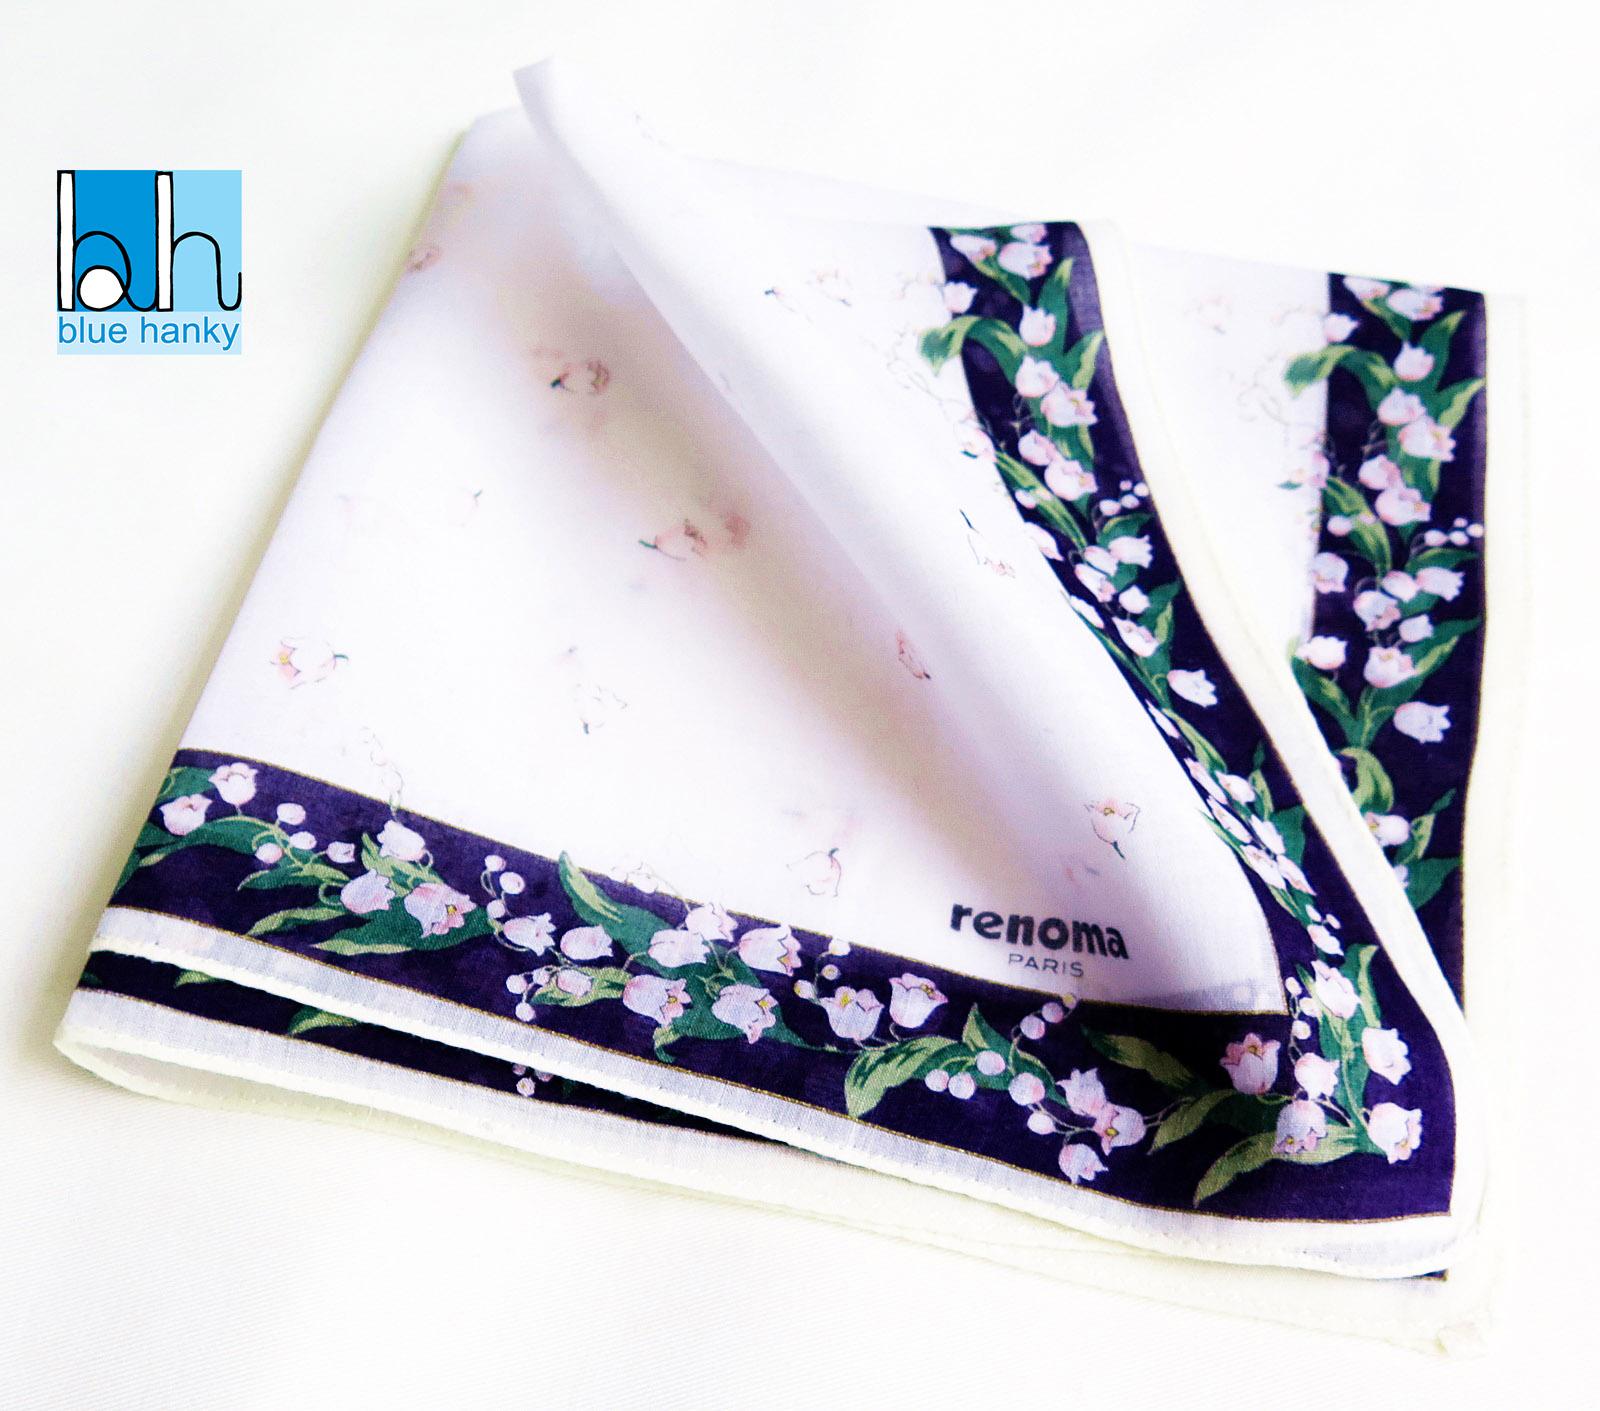 """#77 18"""" renoma PARIS ผ้าเช็ดหน้ามือ2 สภาพดี ผ้าเช็ดหน้าผืนใหญ่"""